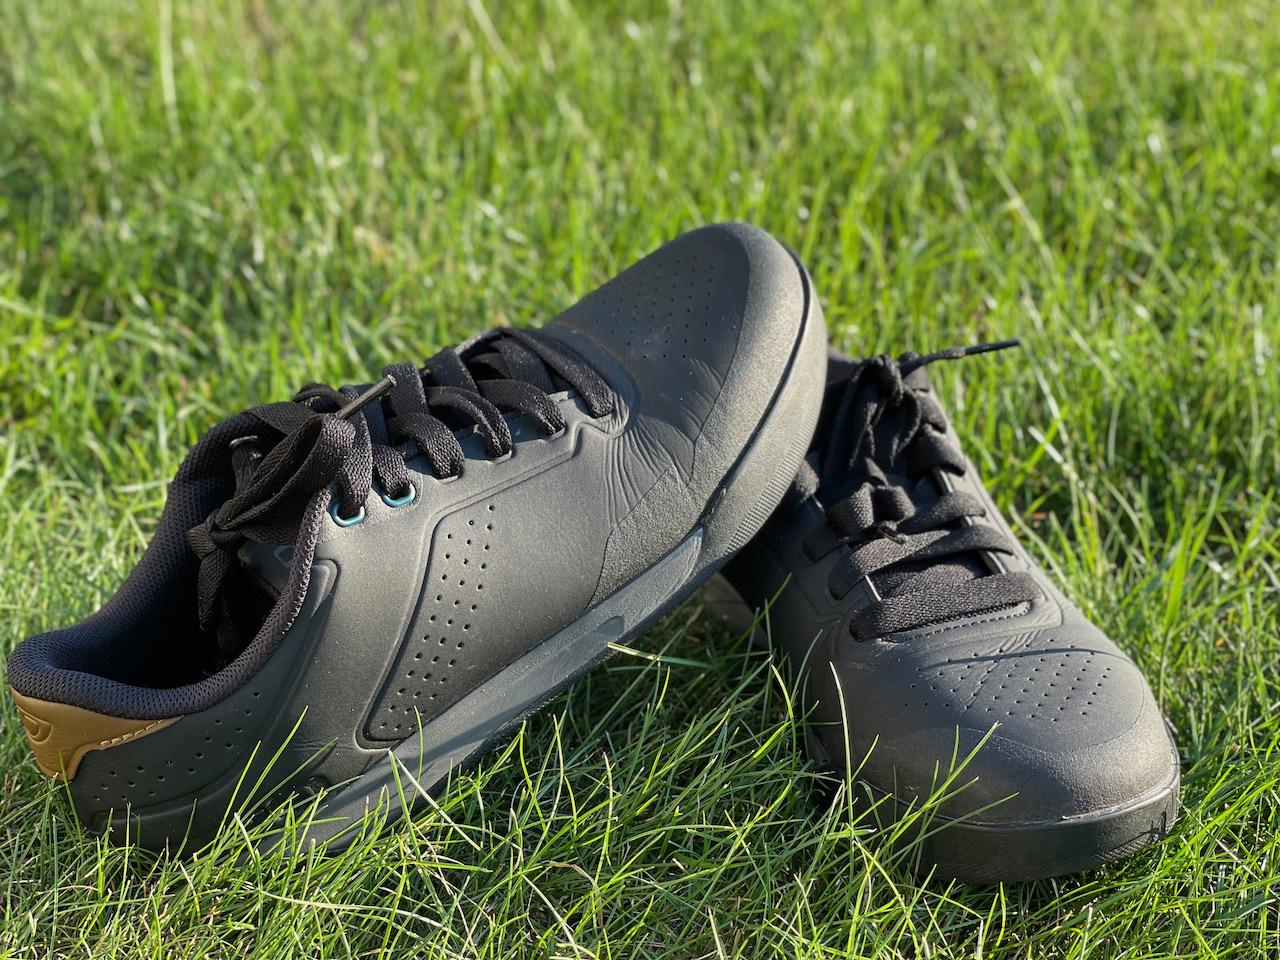 Giro Latch MTB shoes rubber shoe